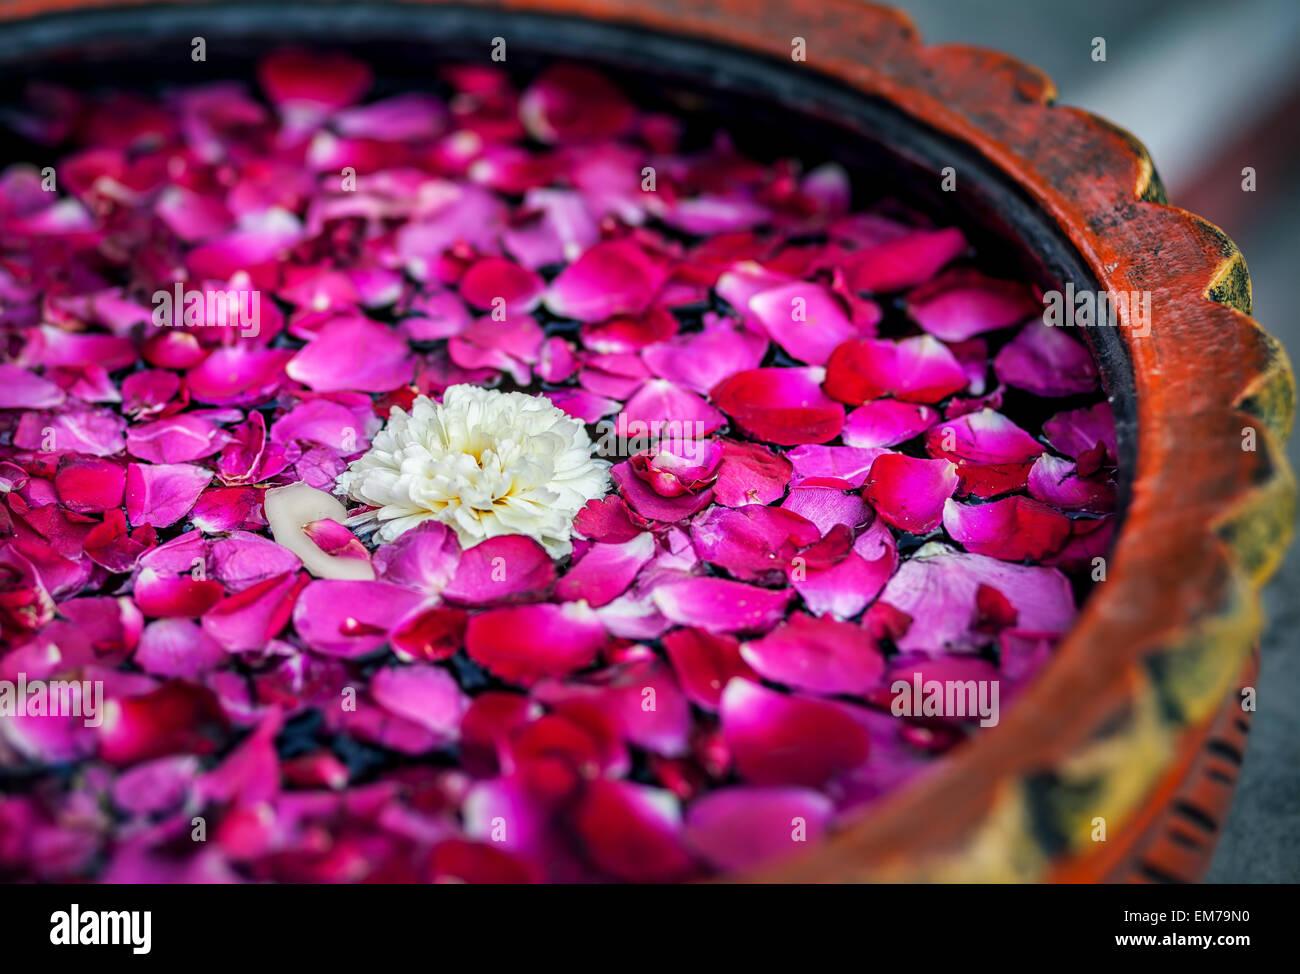 Weiße Blüte mit roten Rosenblättern in der Schüssel im Wellness-Salon Stockbild